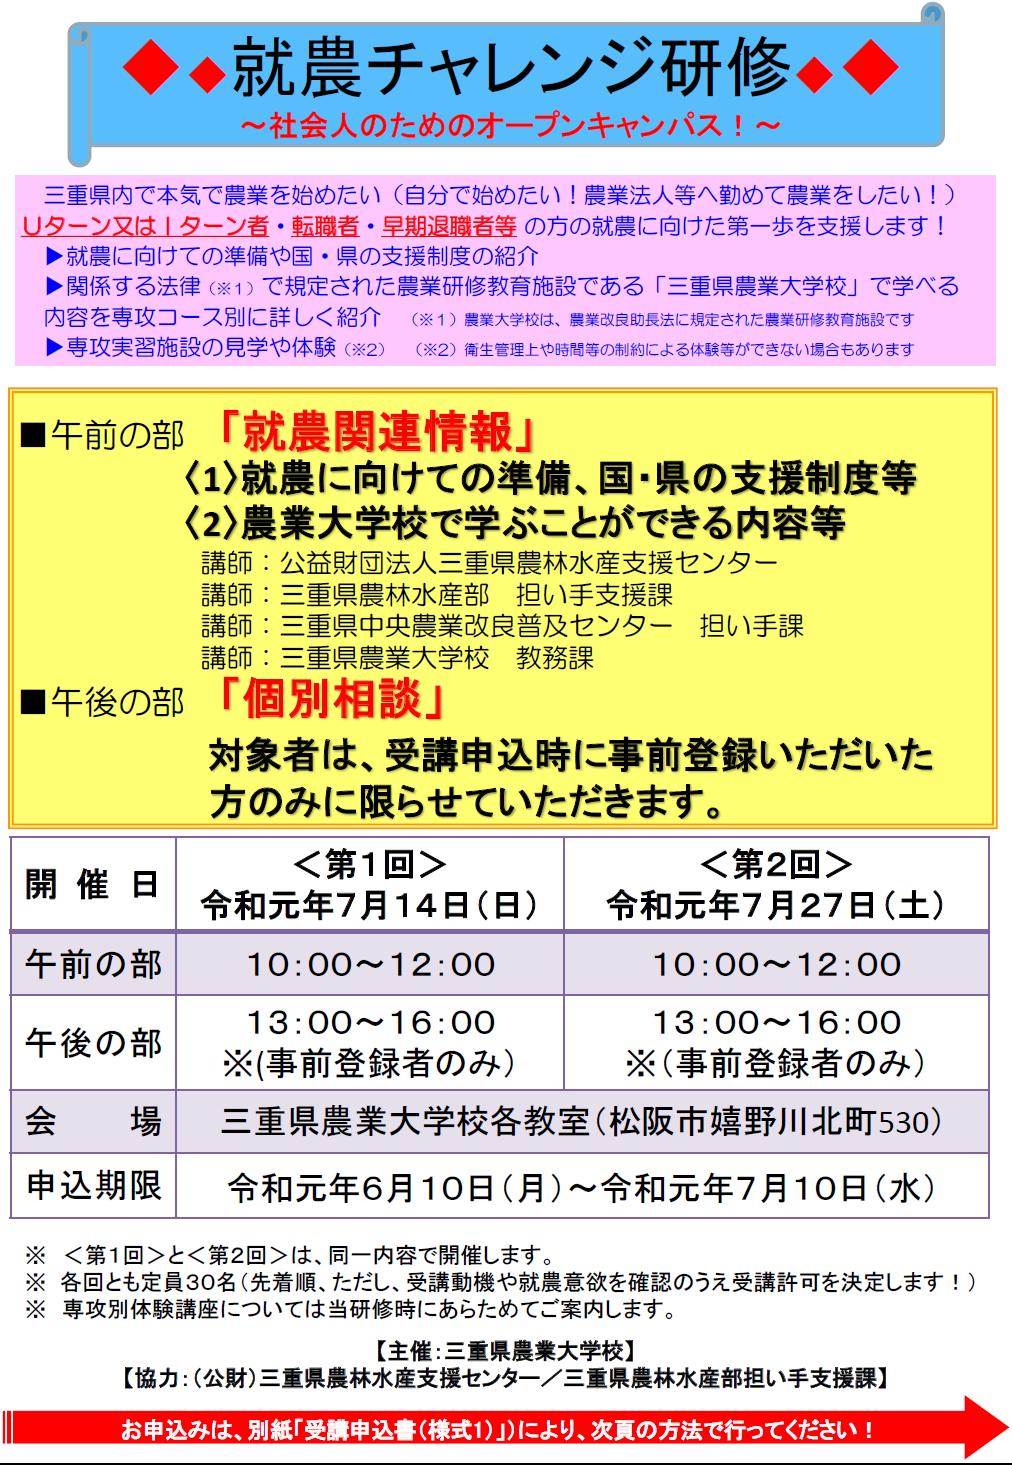 (終了しました)【農業大学校7/14(日),7/27(土)】社会人向け「就農チャレンジ研修」を実施します!_写真1